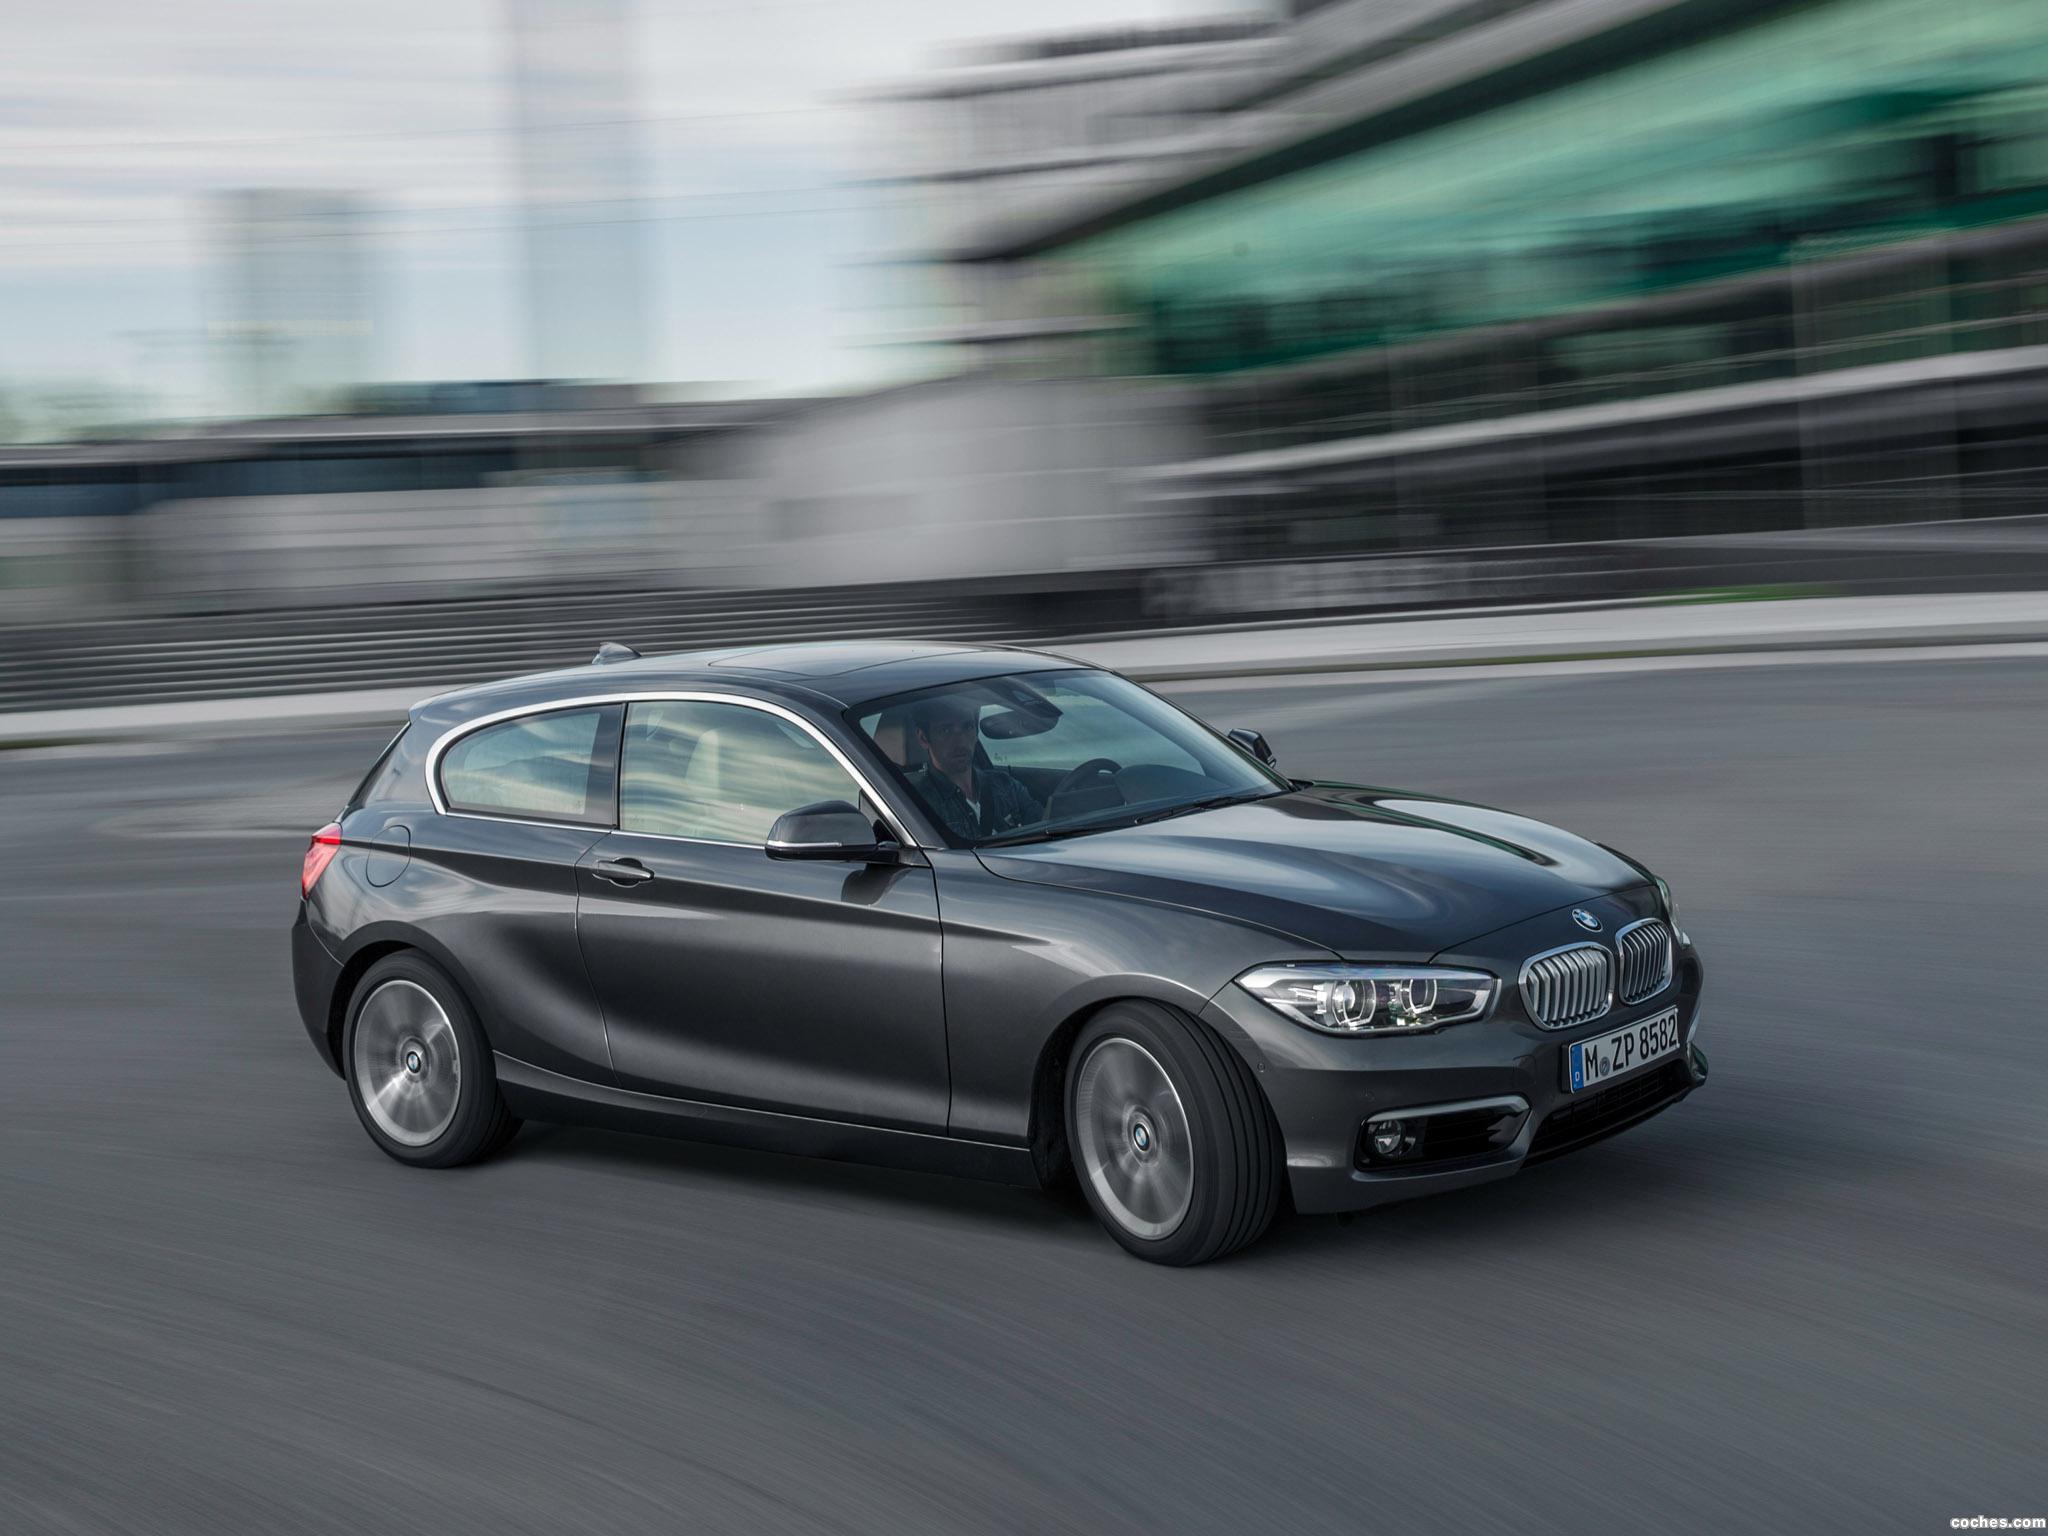 Foto 15 de BMW Serie 1 120d Urban Line 3 puertas F21 2015